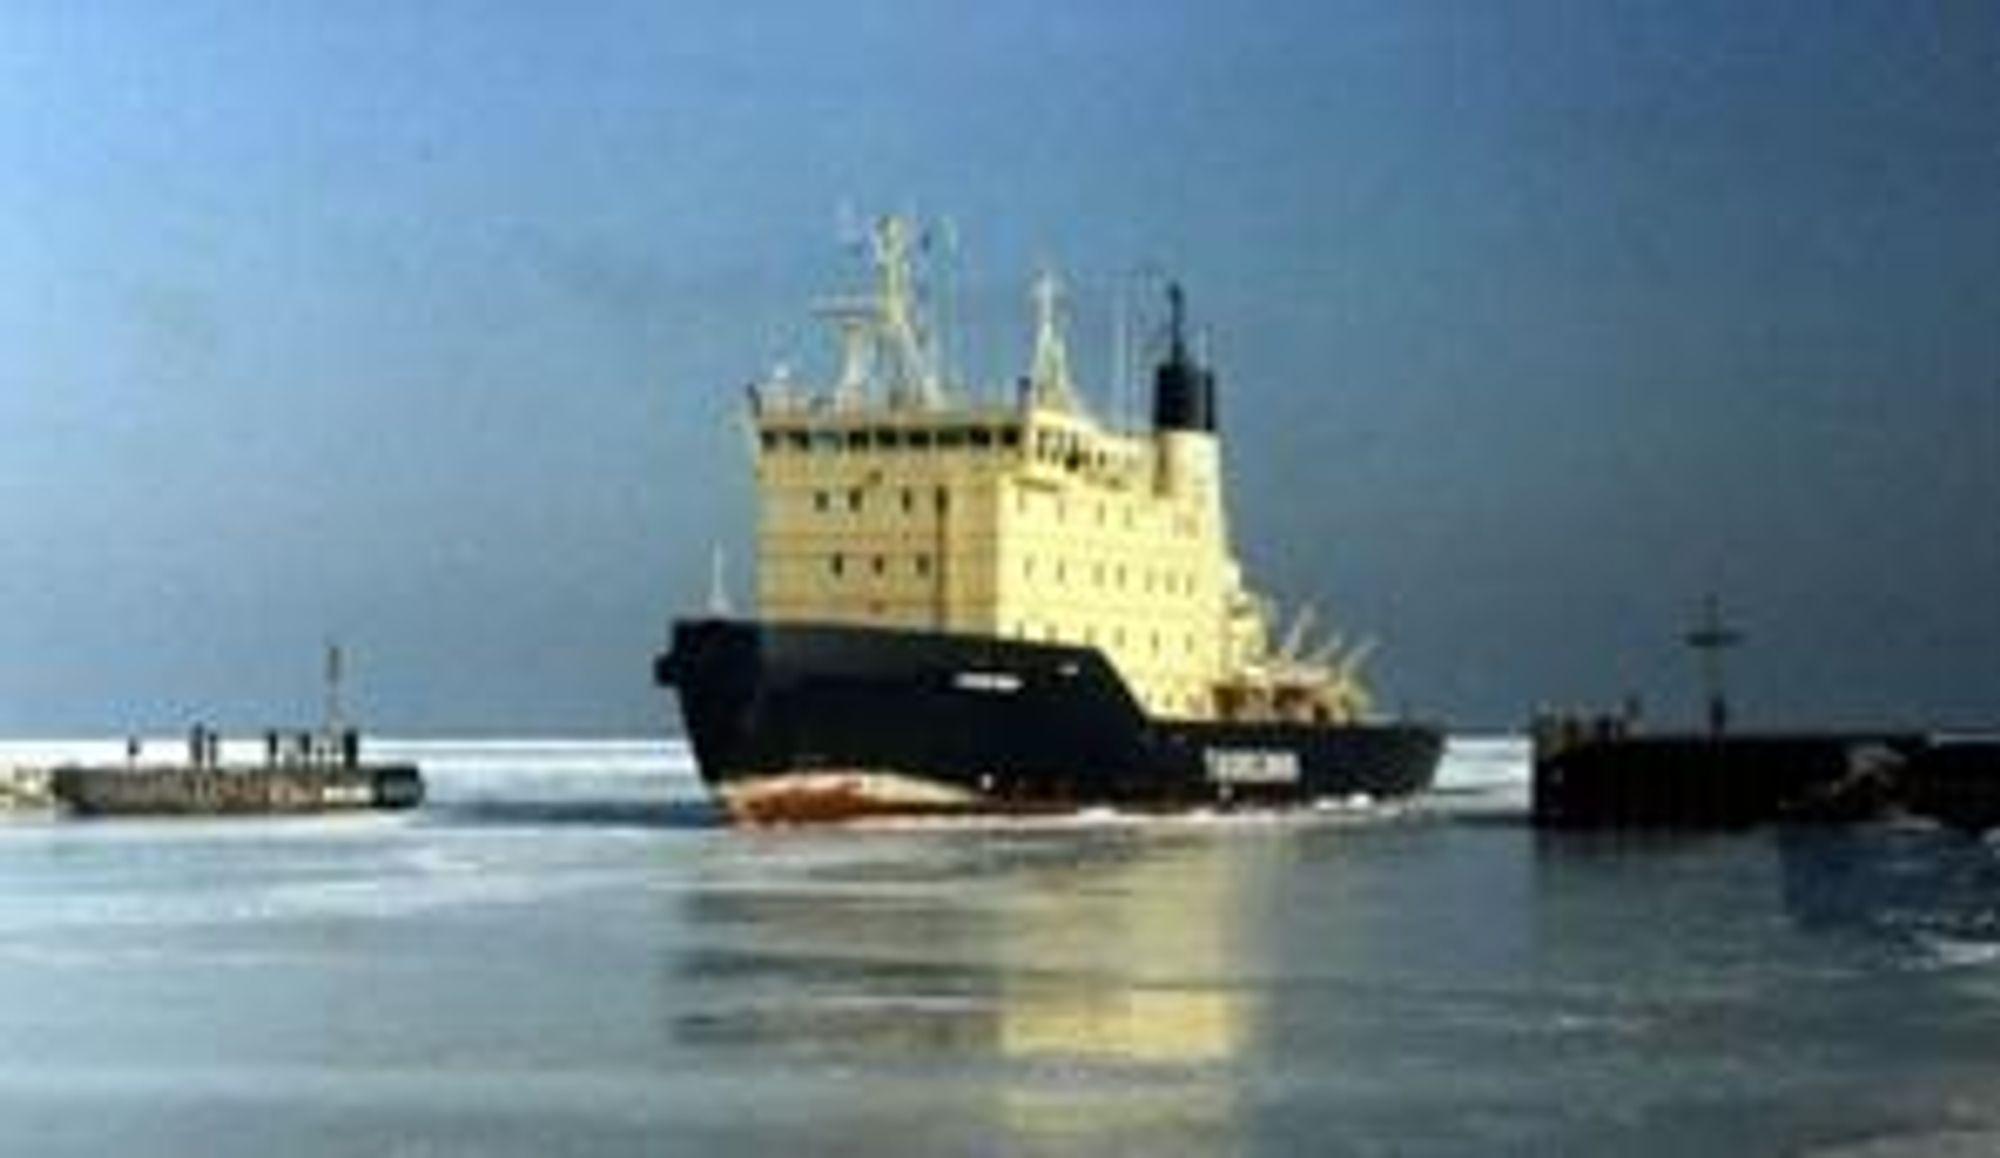 isbryteren Thorbjørn ble ferdigstilt ved Svendborg Værft i 1981 og er både sjøoppmålingsskip og isbryter. To hovedmotorer driver to skruer. Den holder 16 knop og kan takle 1,5 meter tykk is. Thorbjørn er 67 meter lang og 15 meter bred. Besetningen er på 24 personer.